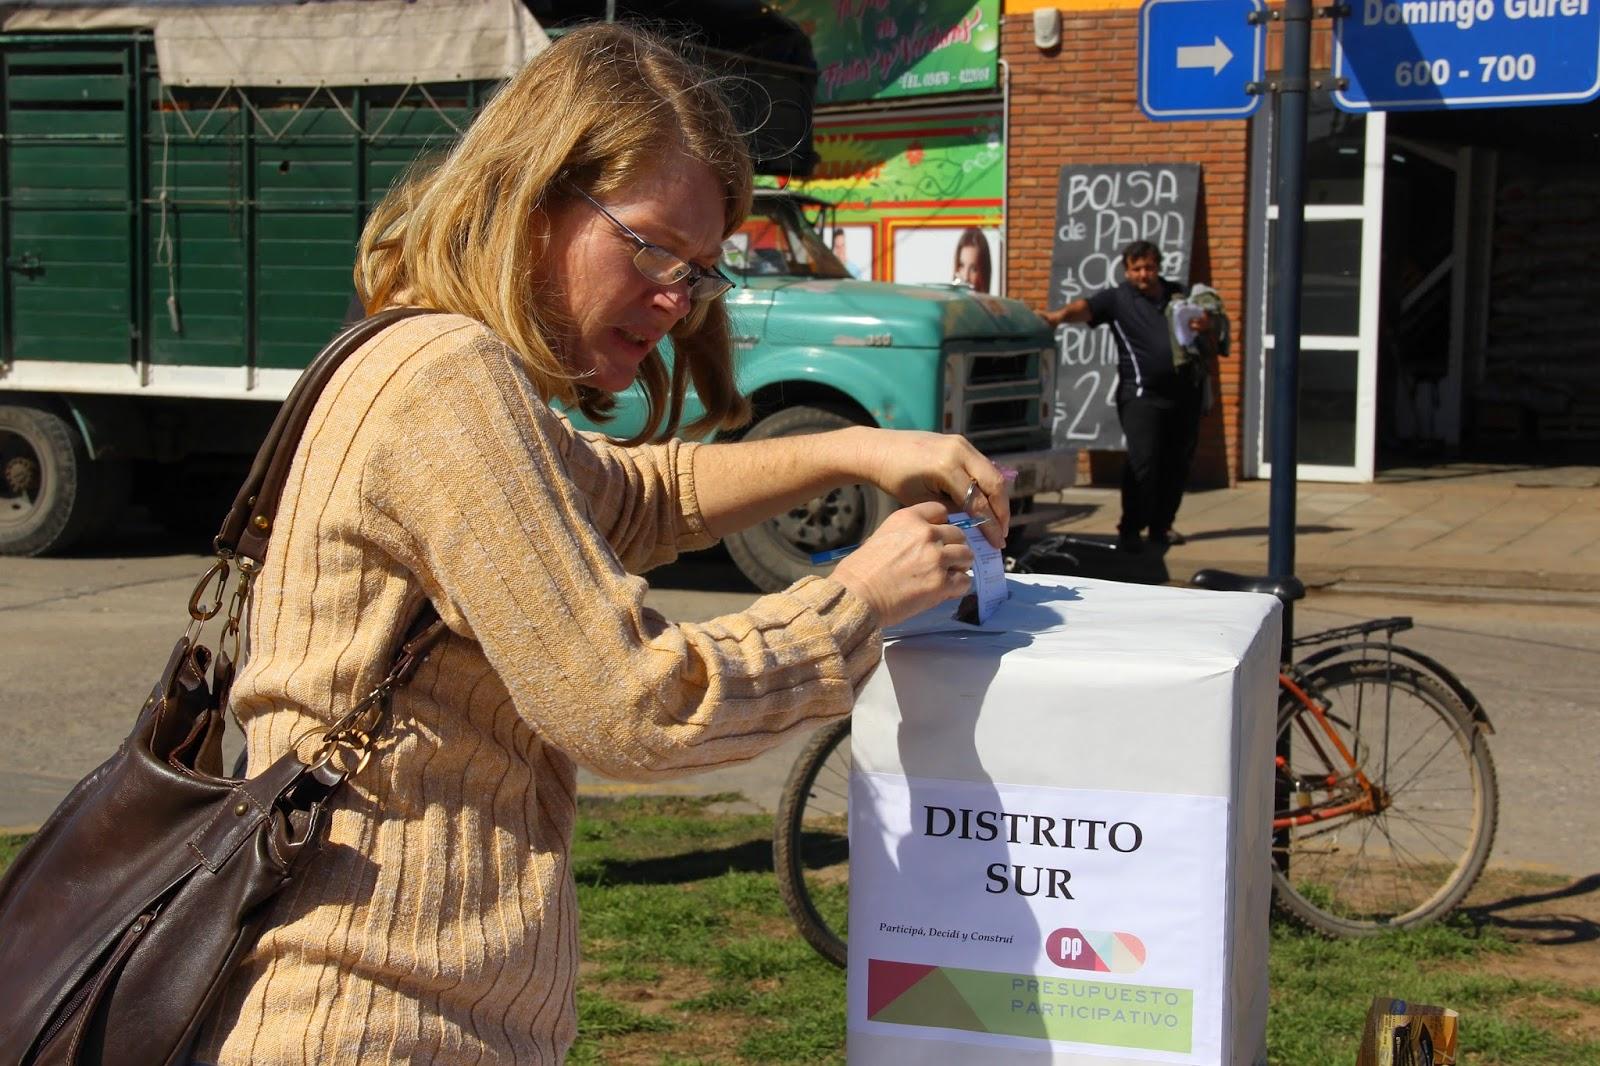 Los sanlorencinos votan proyectos para sus barrios